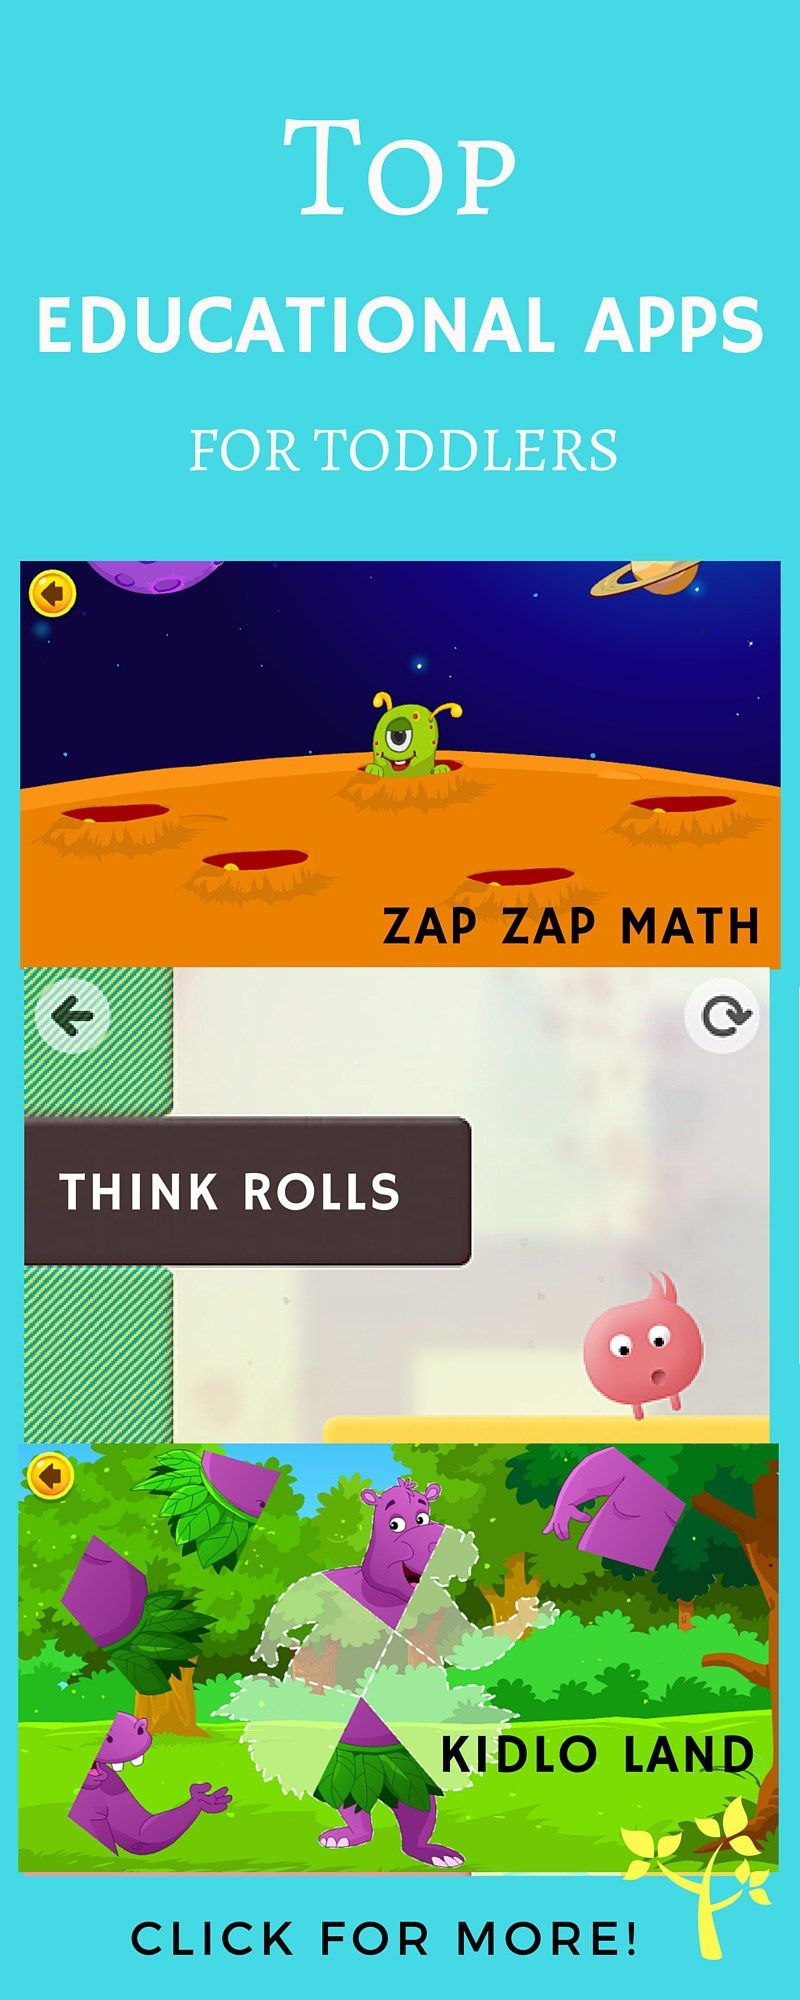 More Top Educational Apps >> 6 Top Educational Apps For Preschoolers Pre School Top